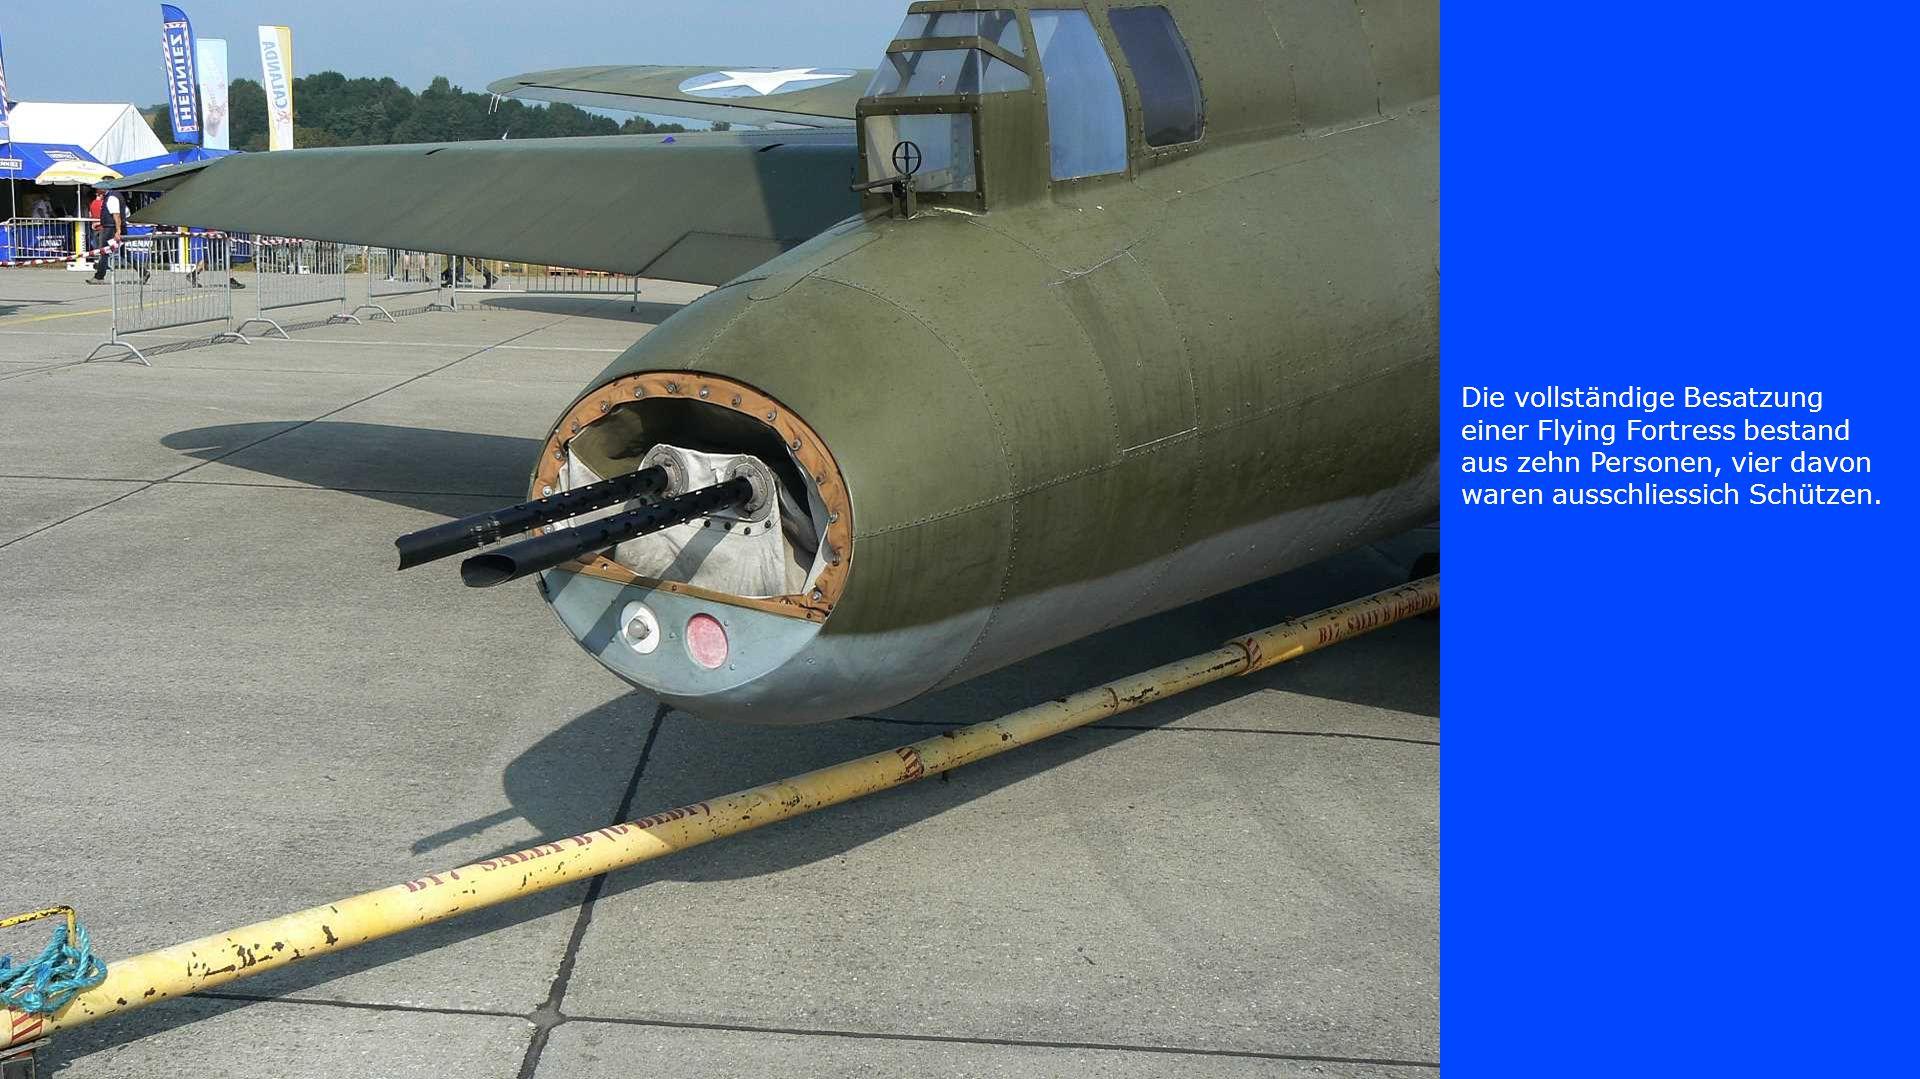 Die vollständige Besatzung einer Flying Fortress bestand aus zehn Personen, vier davon waren ausschliessich Schützen.